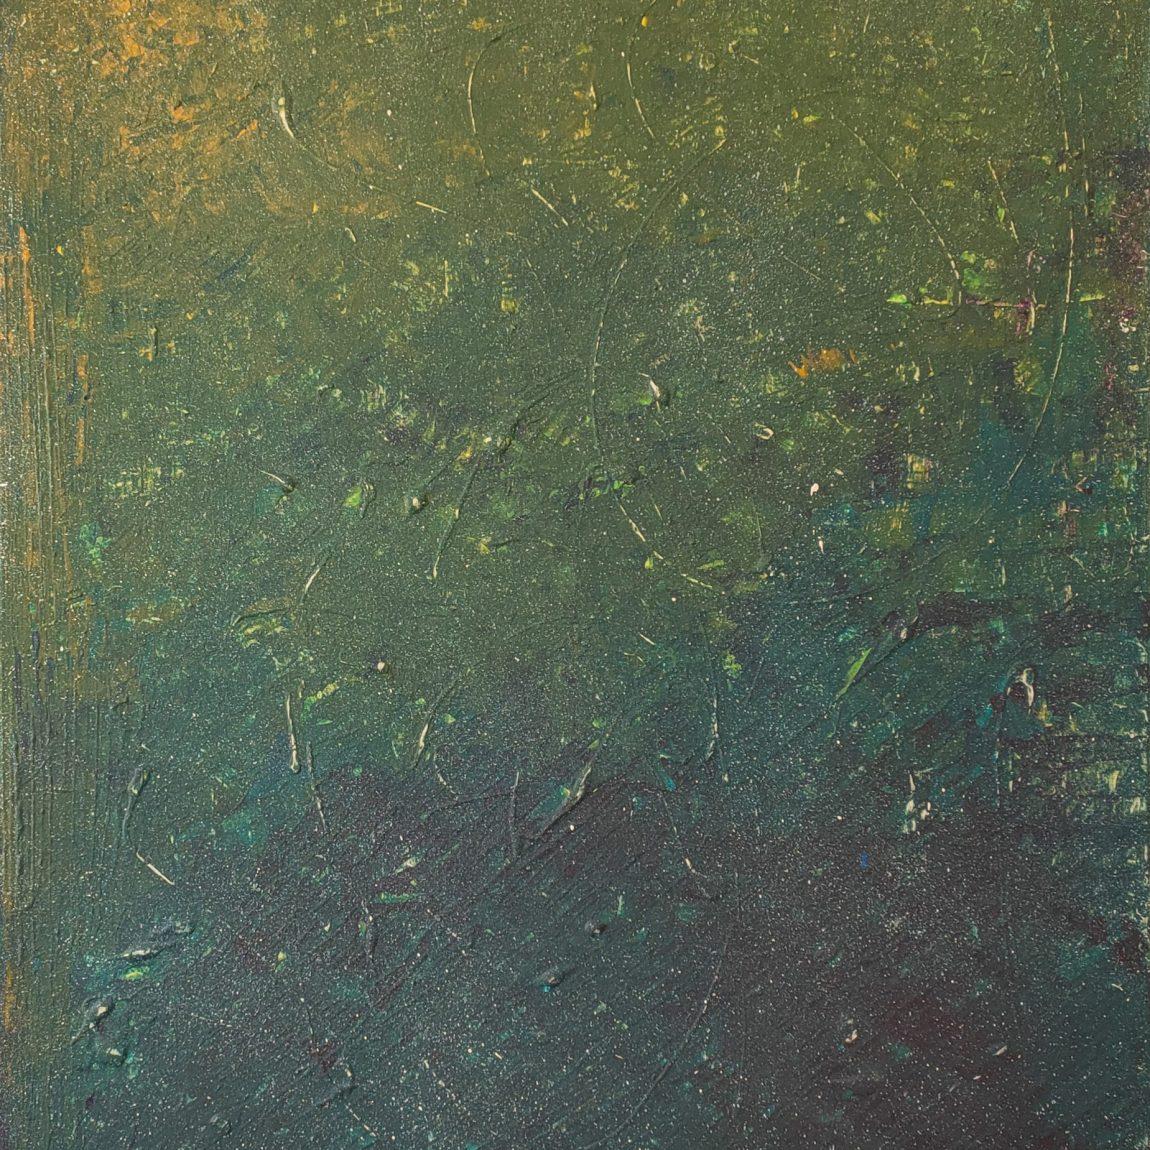 Şeyma Nur Irmak - Teknik: Tuval Üzeri Akrilik Ölçü: 50 x 70 cm Fiyat : 7.700 TL